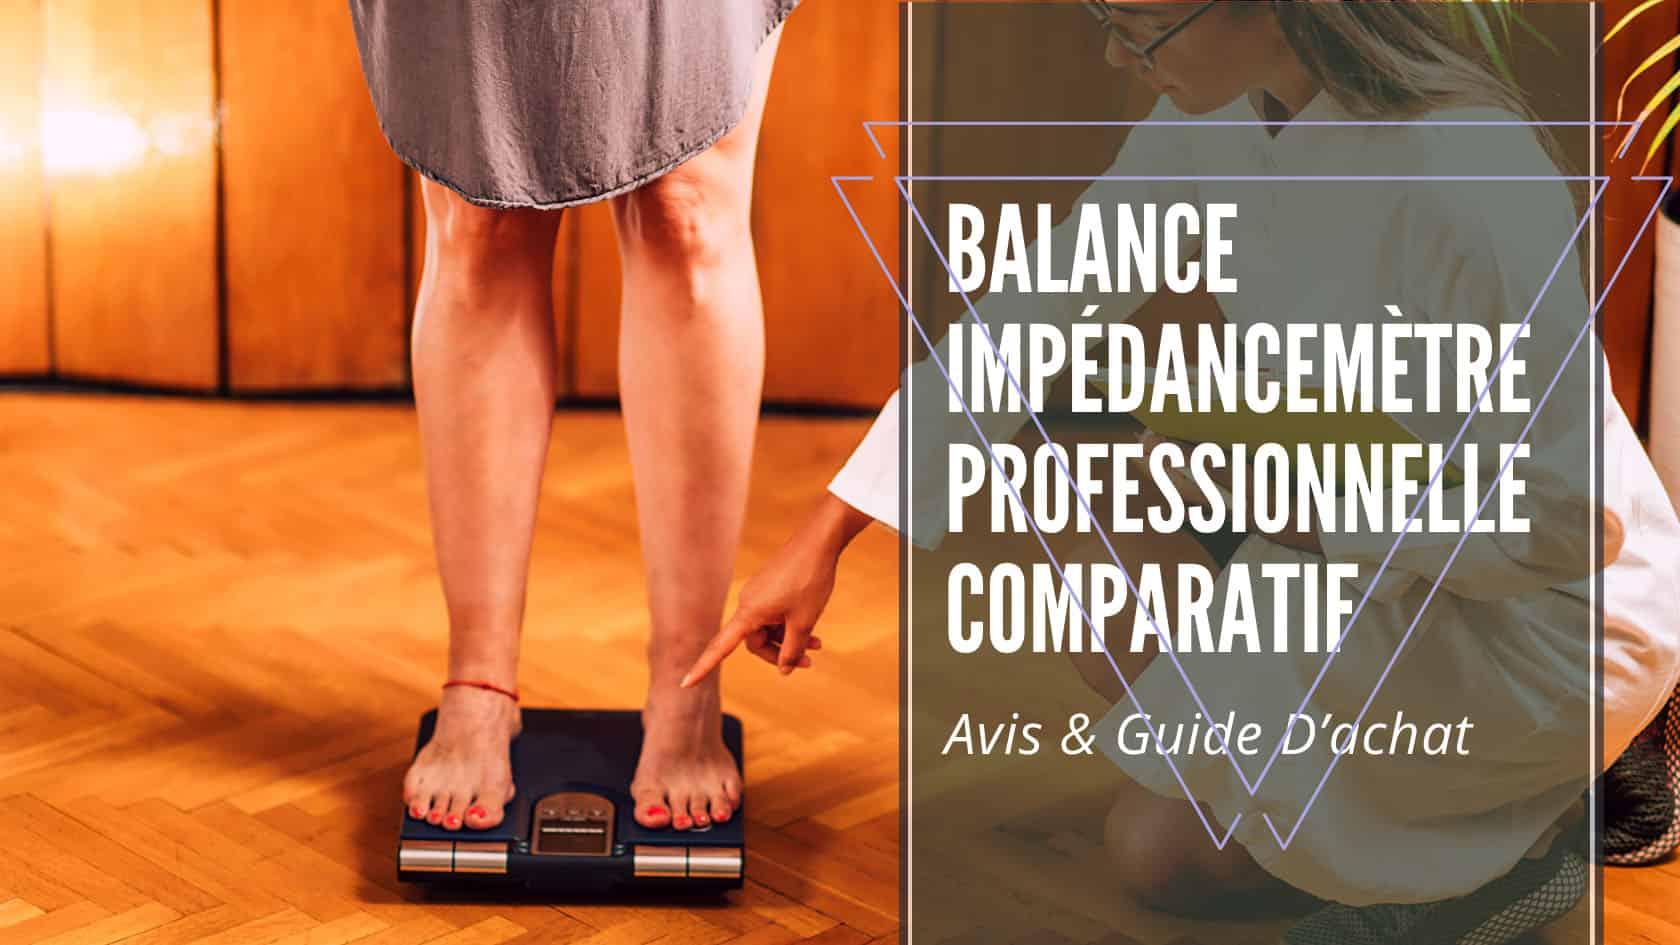 balance impédancemètre professionnelle comparatif